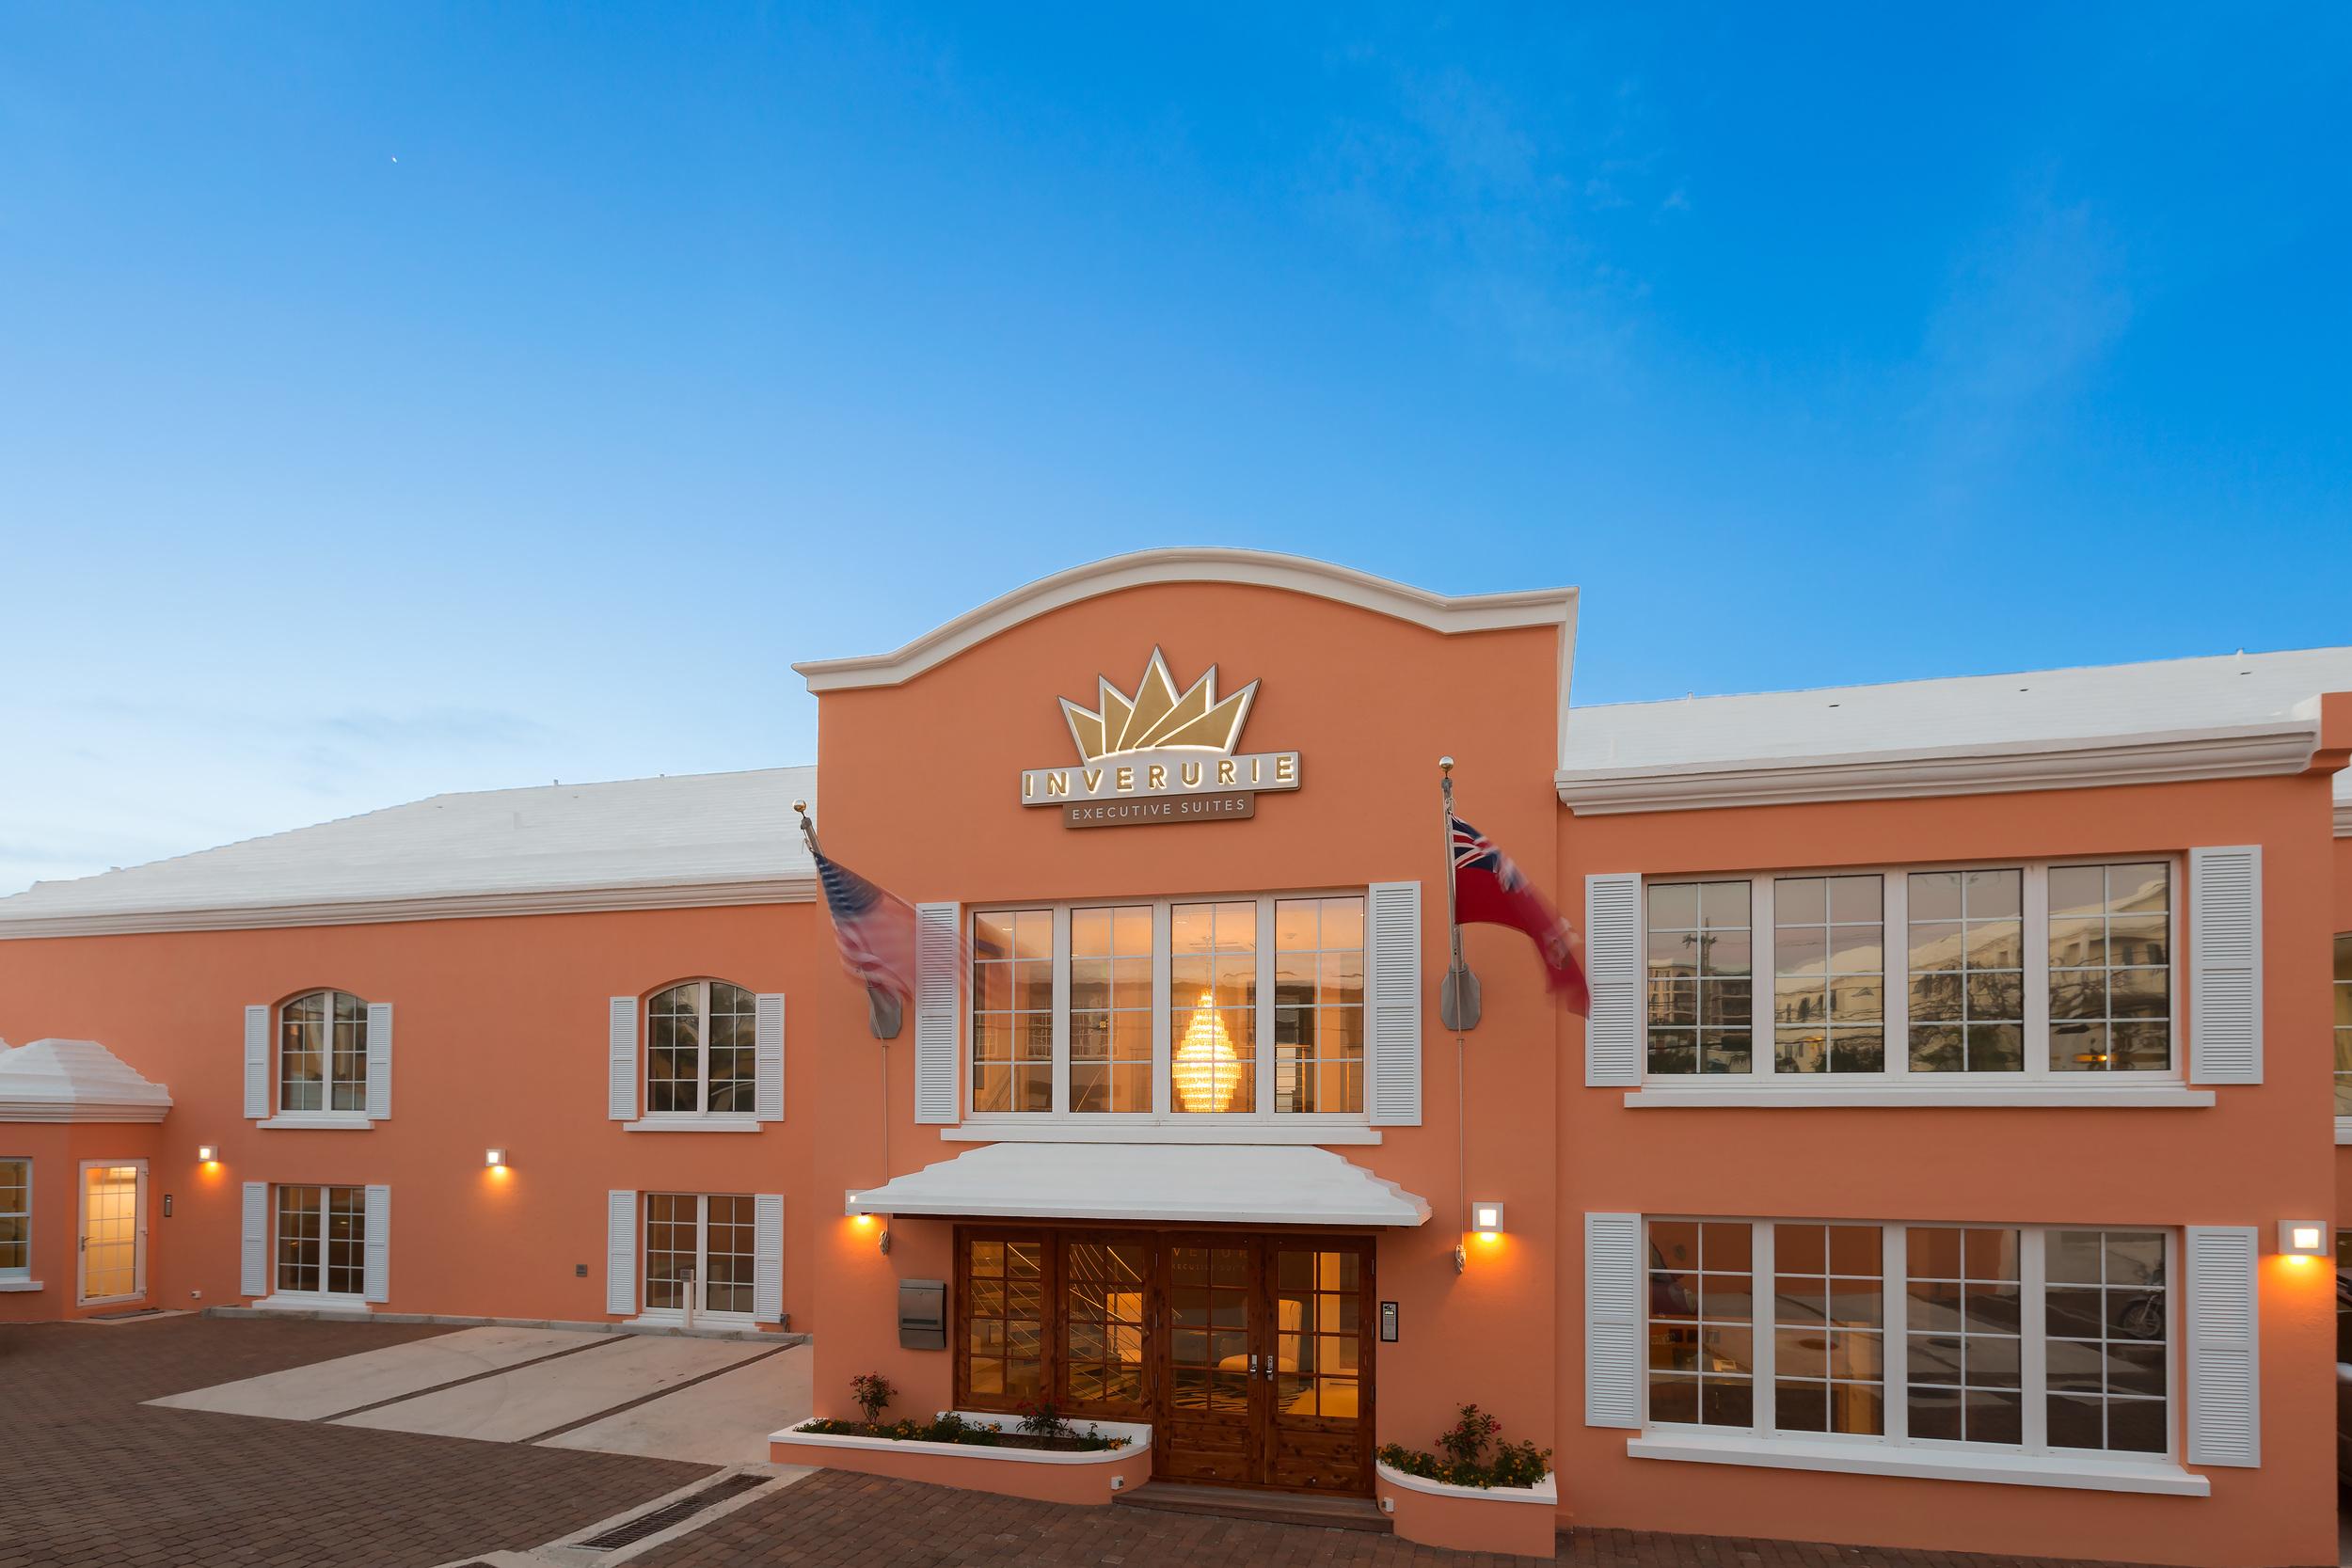 inverurie hotel_20150404_0053.jpg